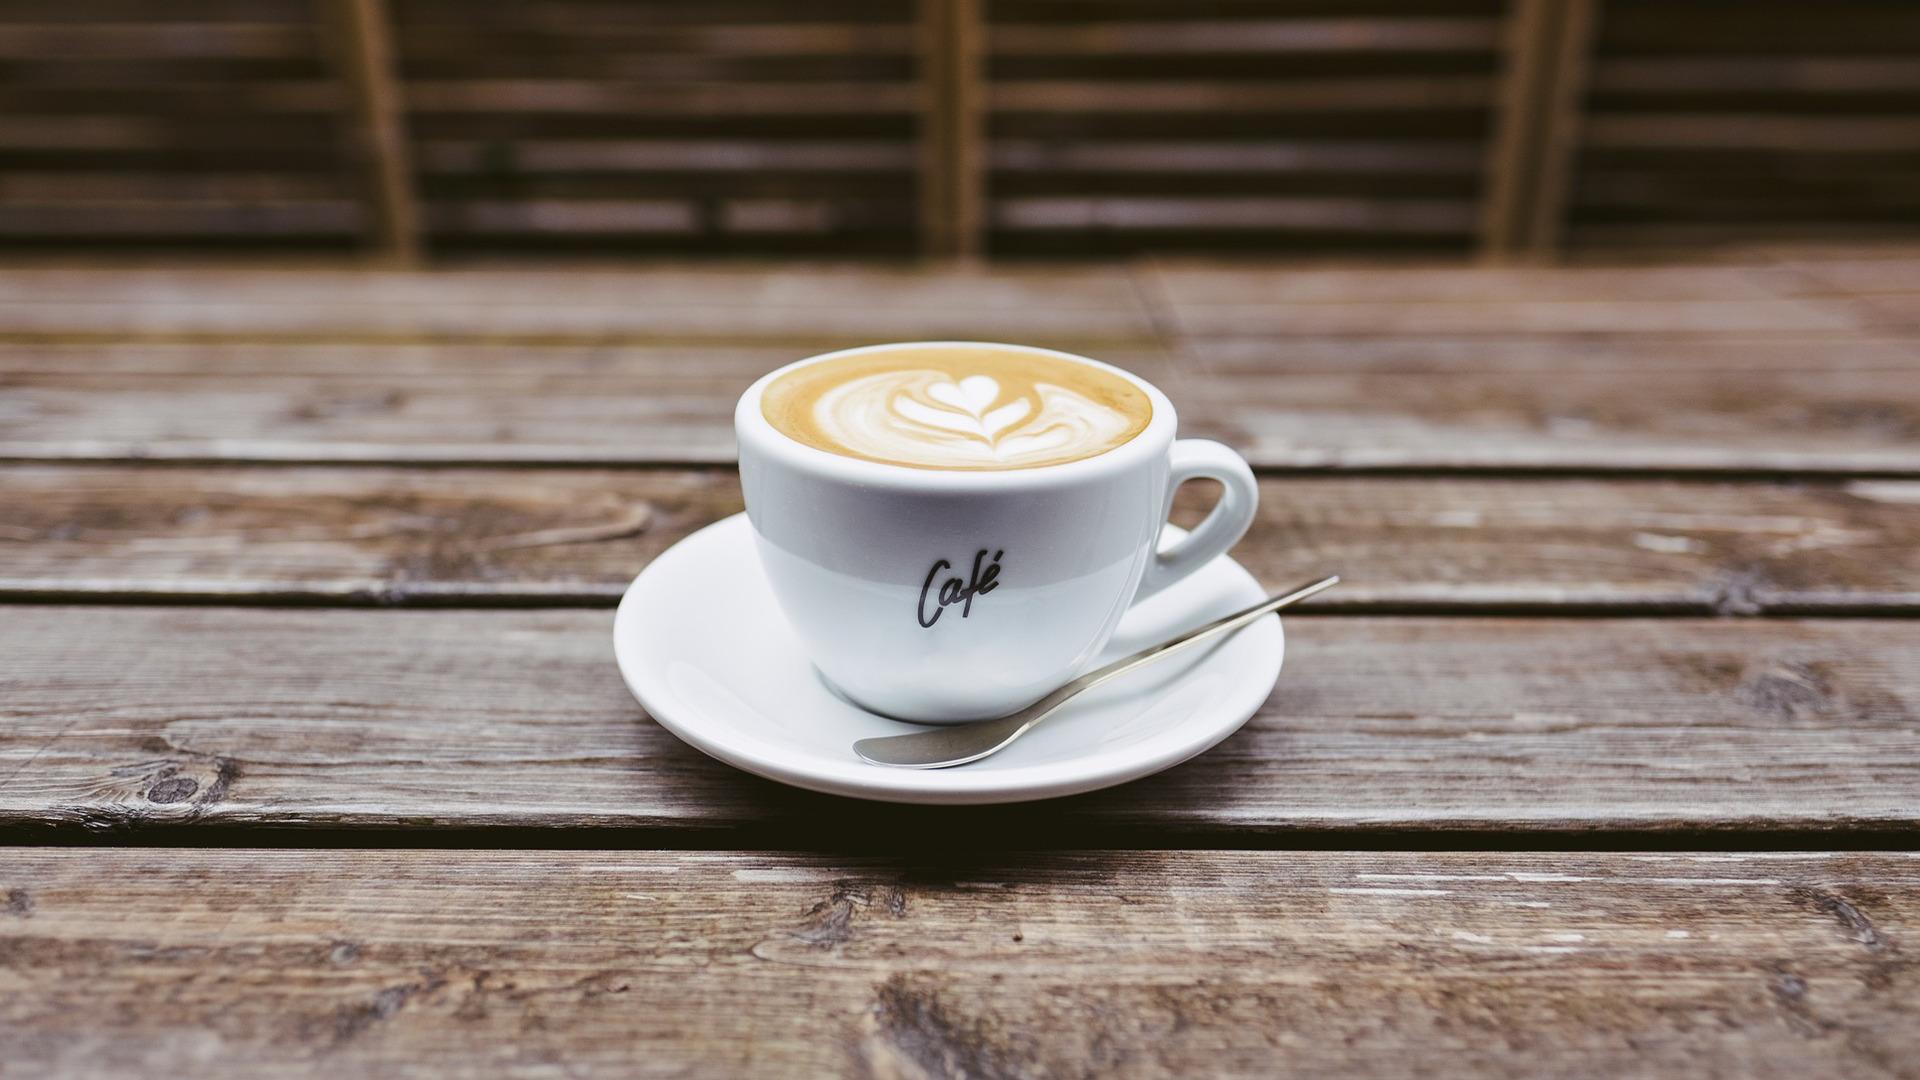 la-cafeina-podria-reducir-la-incidencia-de-la-depresion-1920